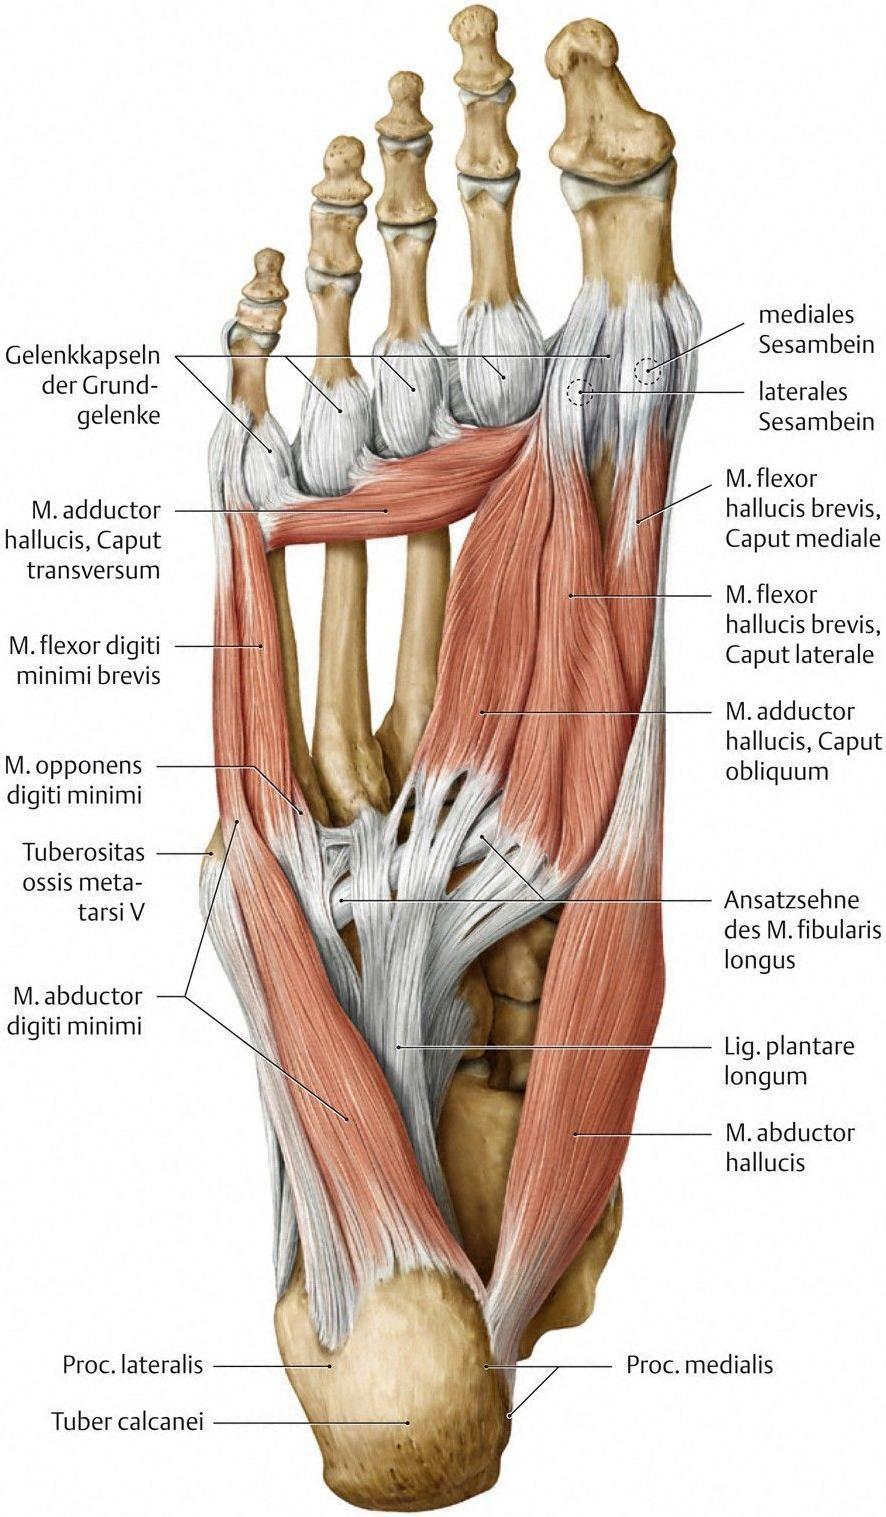 Resultado de imagen de anatomie des unterleib | Anatomía | Pinterest ...